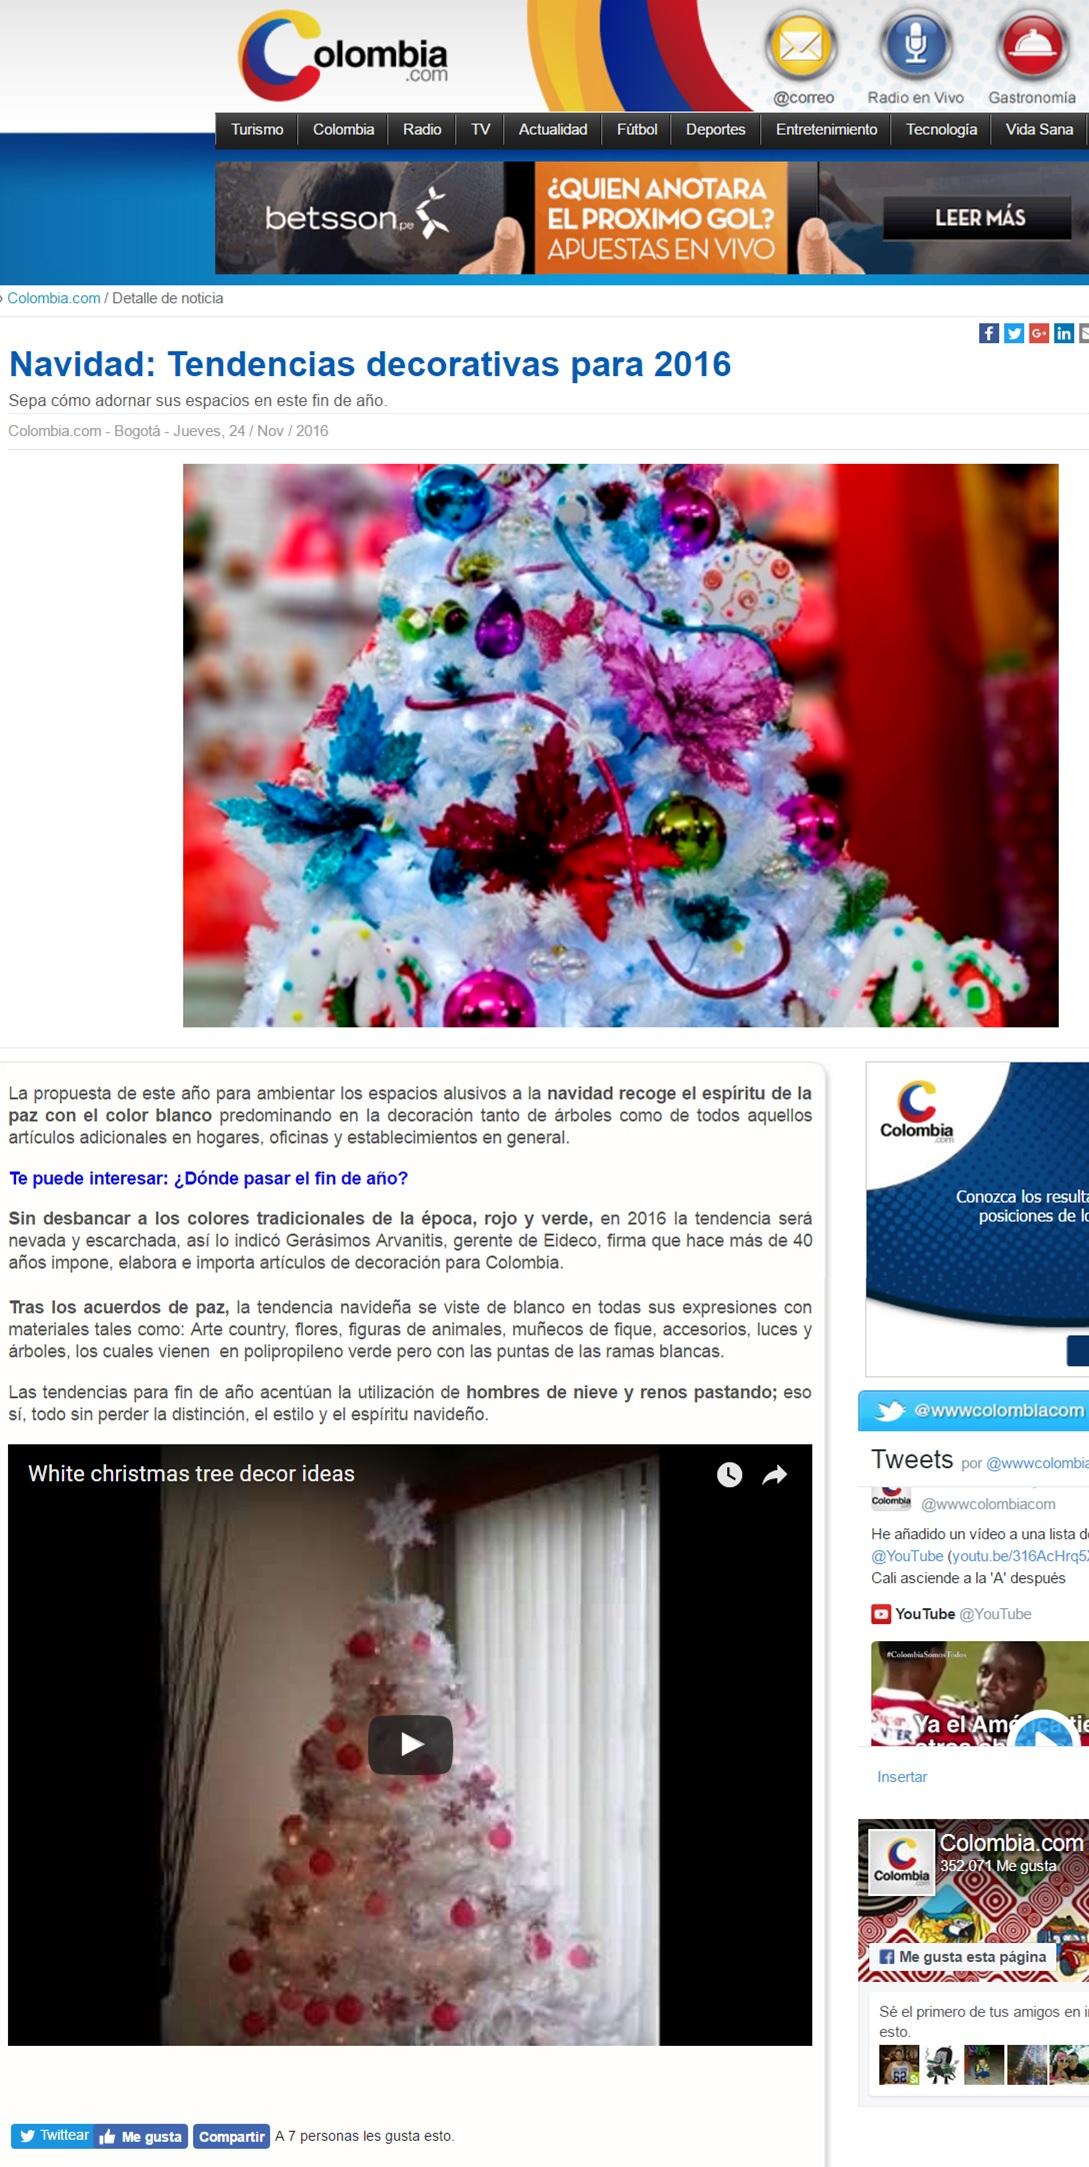 Colombia.com 24 de Noviembre de 2016 [web]